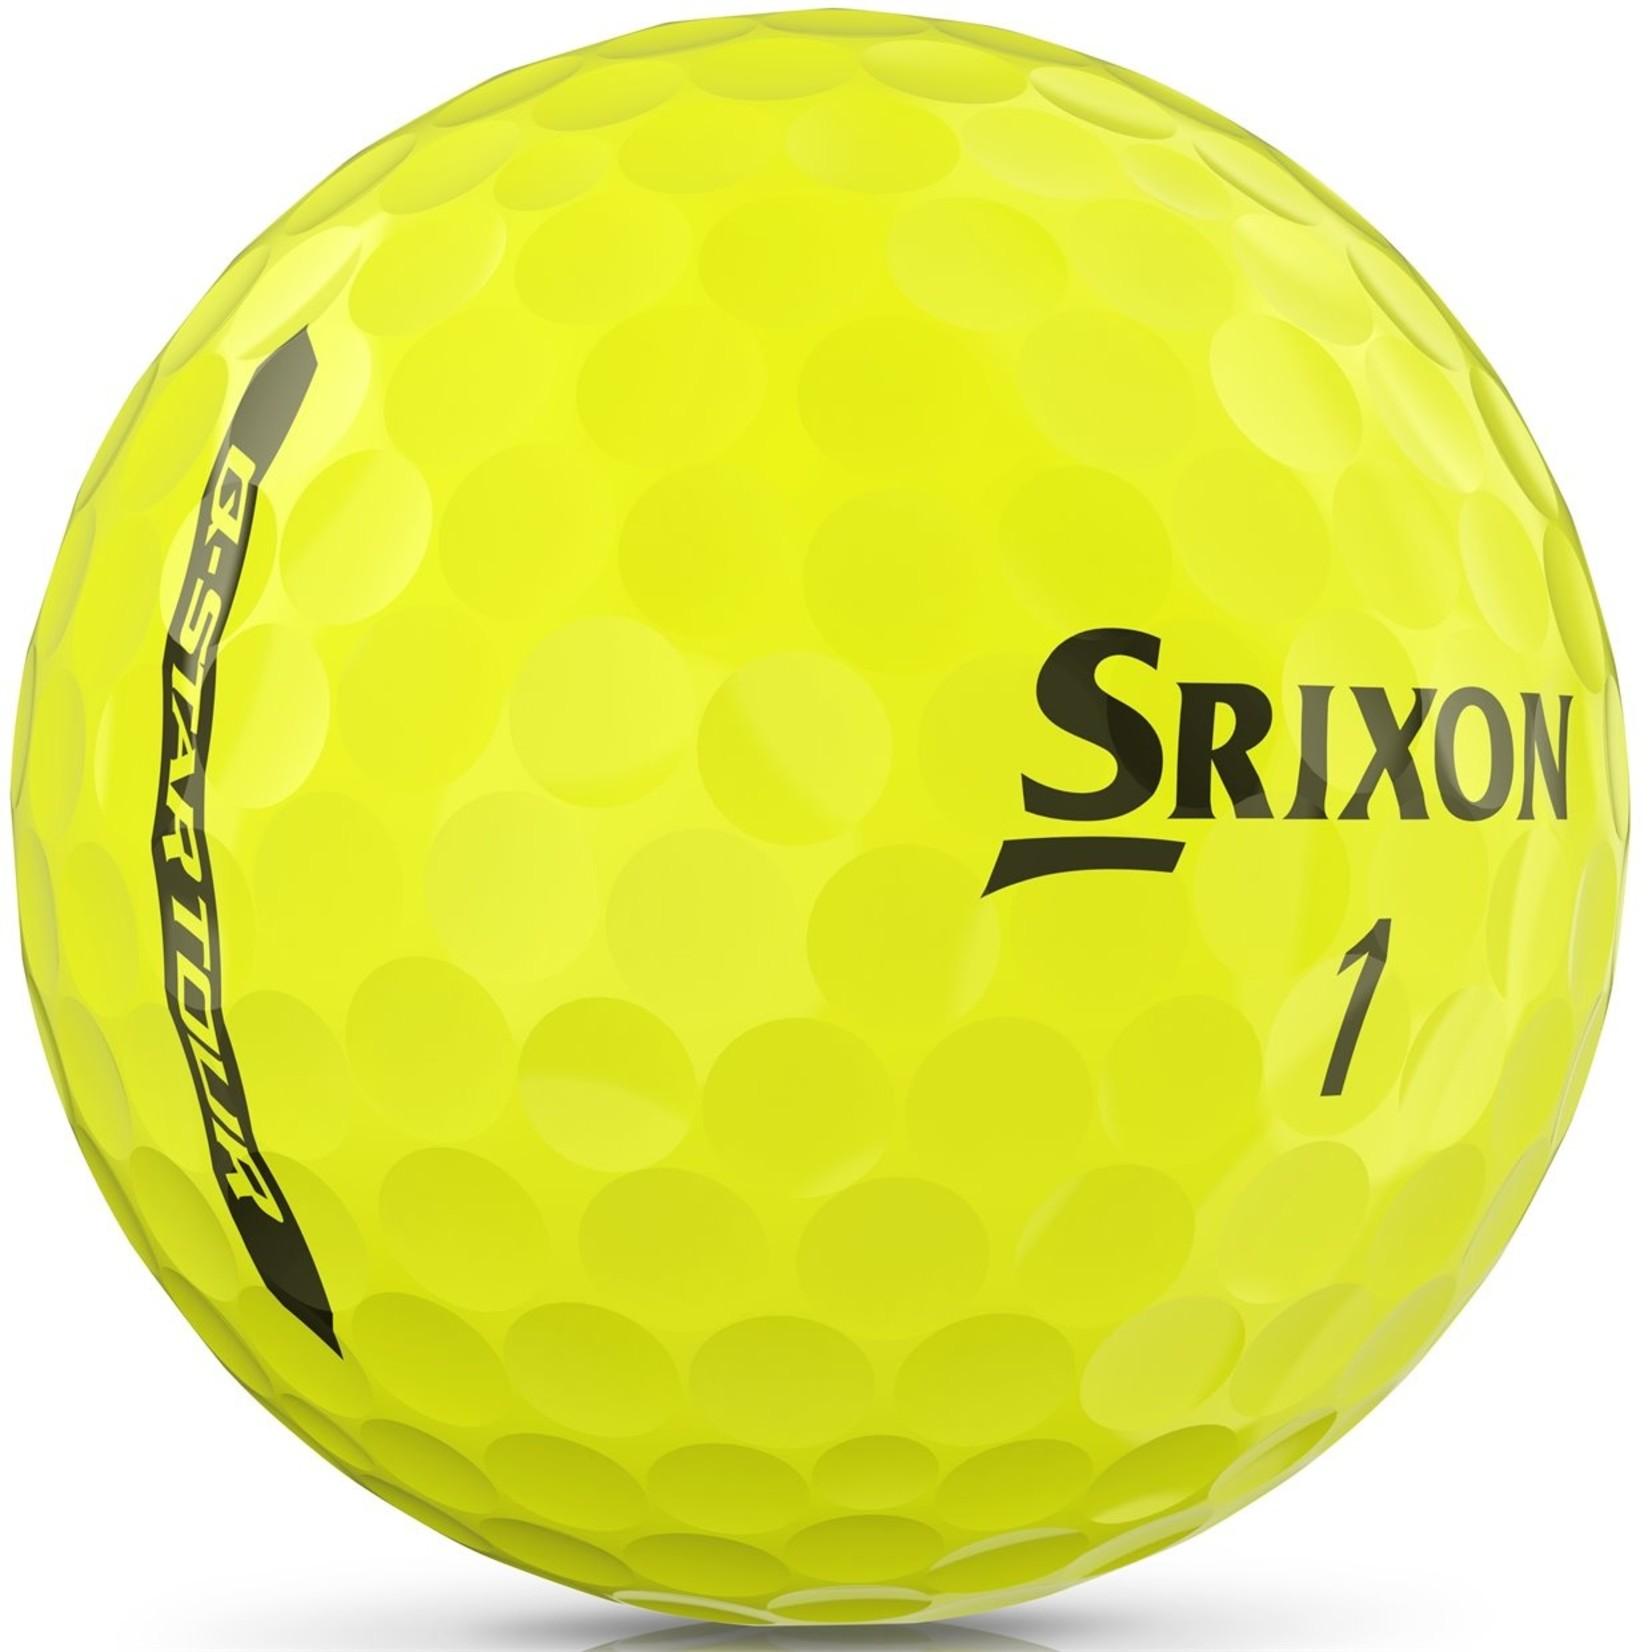 Srixon Srixon Q - Star Tour 3 TYL Dozen